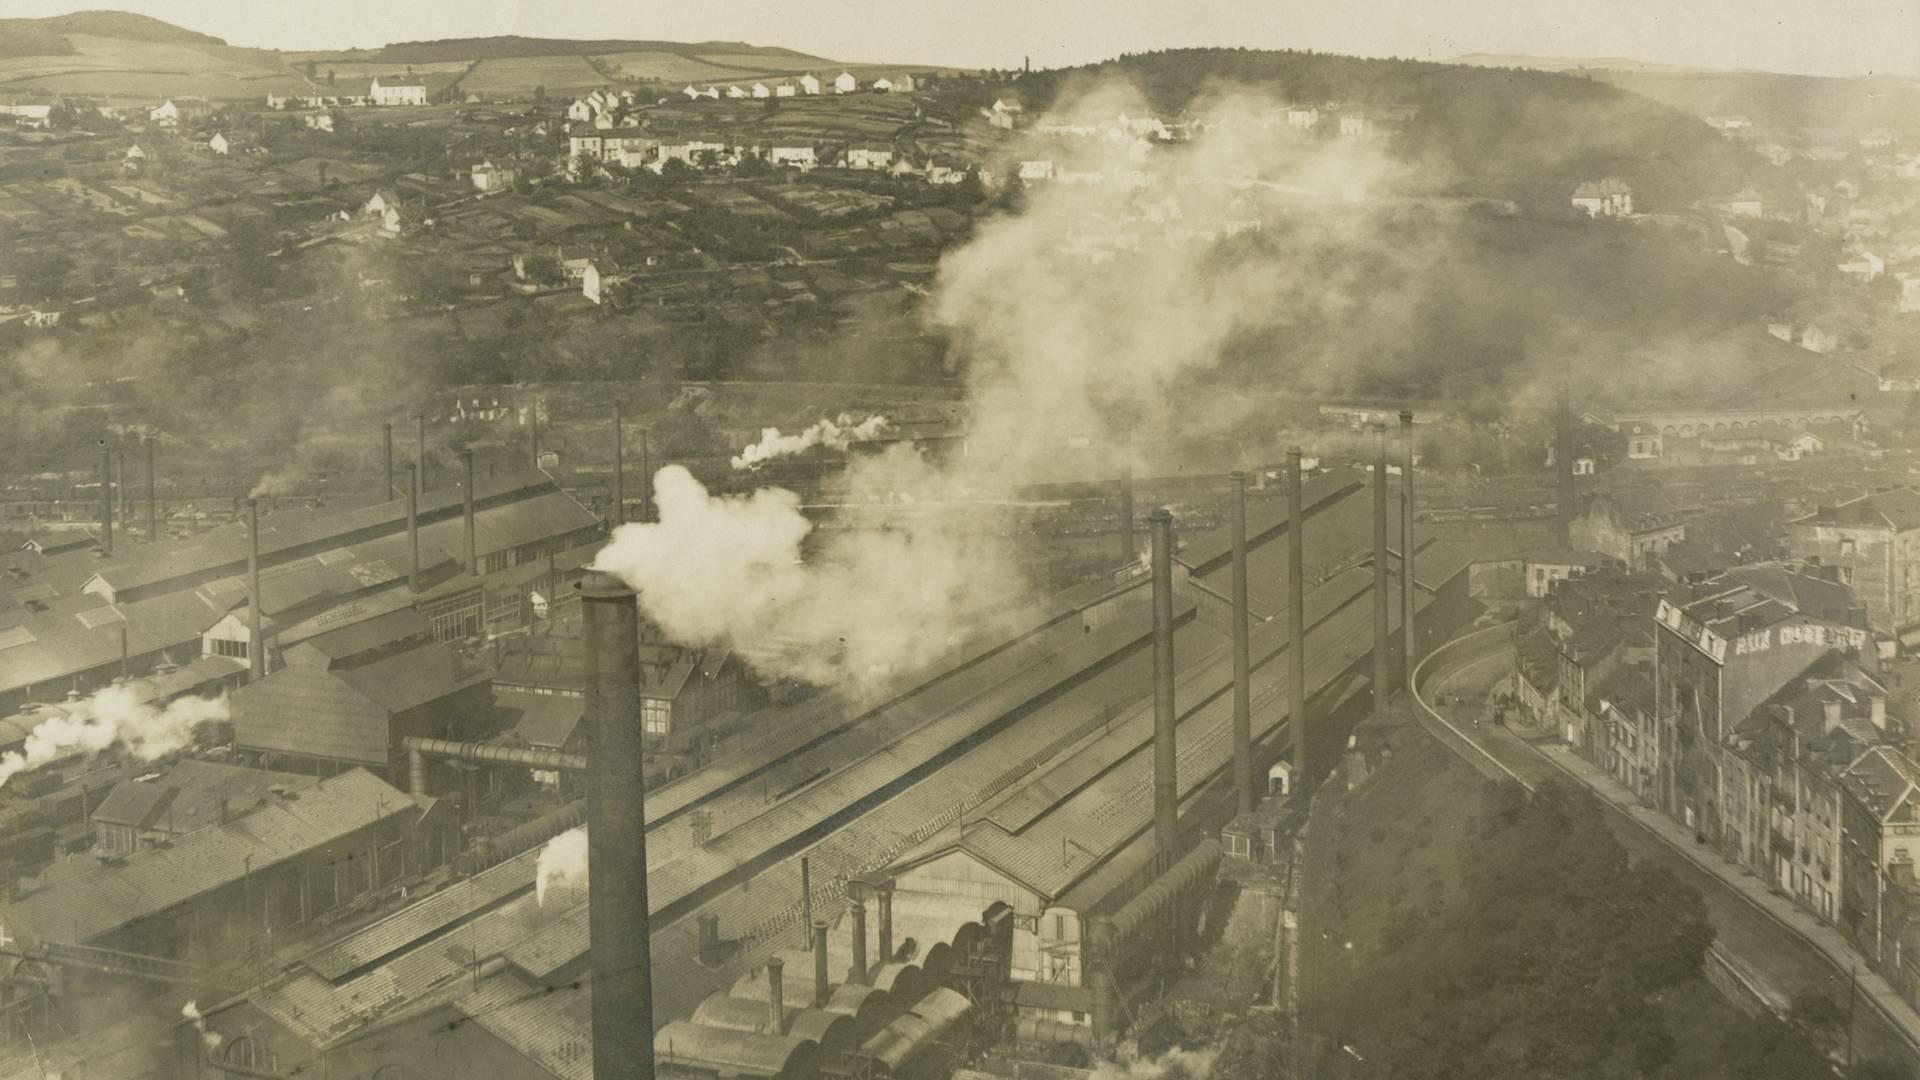 Vue panoramique des usines de la plaine des Riaux au Creusot, en 1916. © CUCM, document Écomusée, reproduction D. Busseuil.